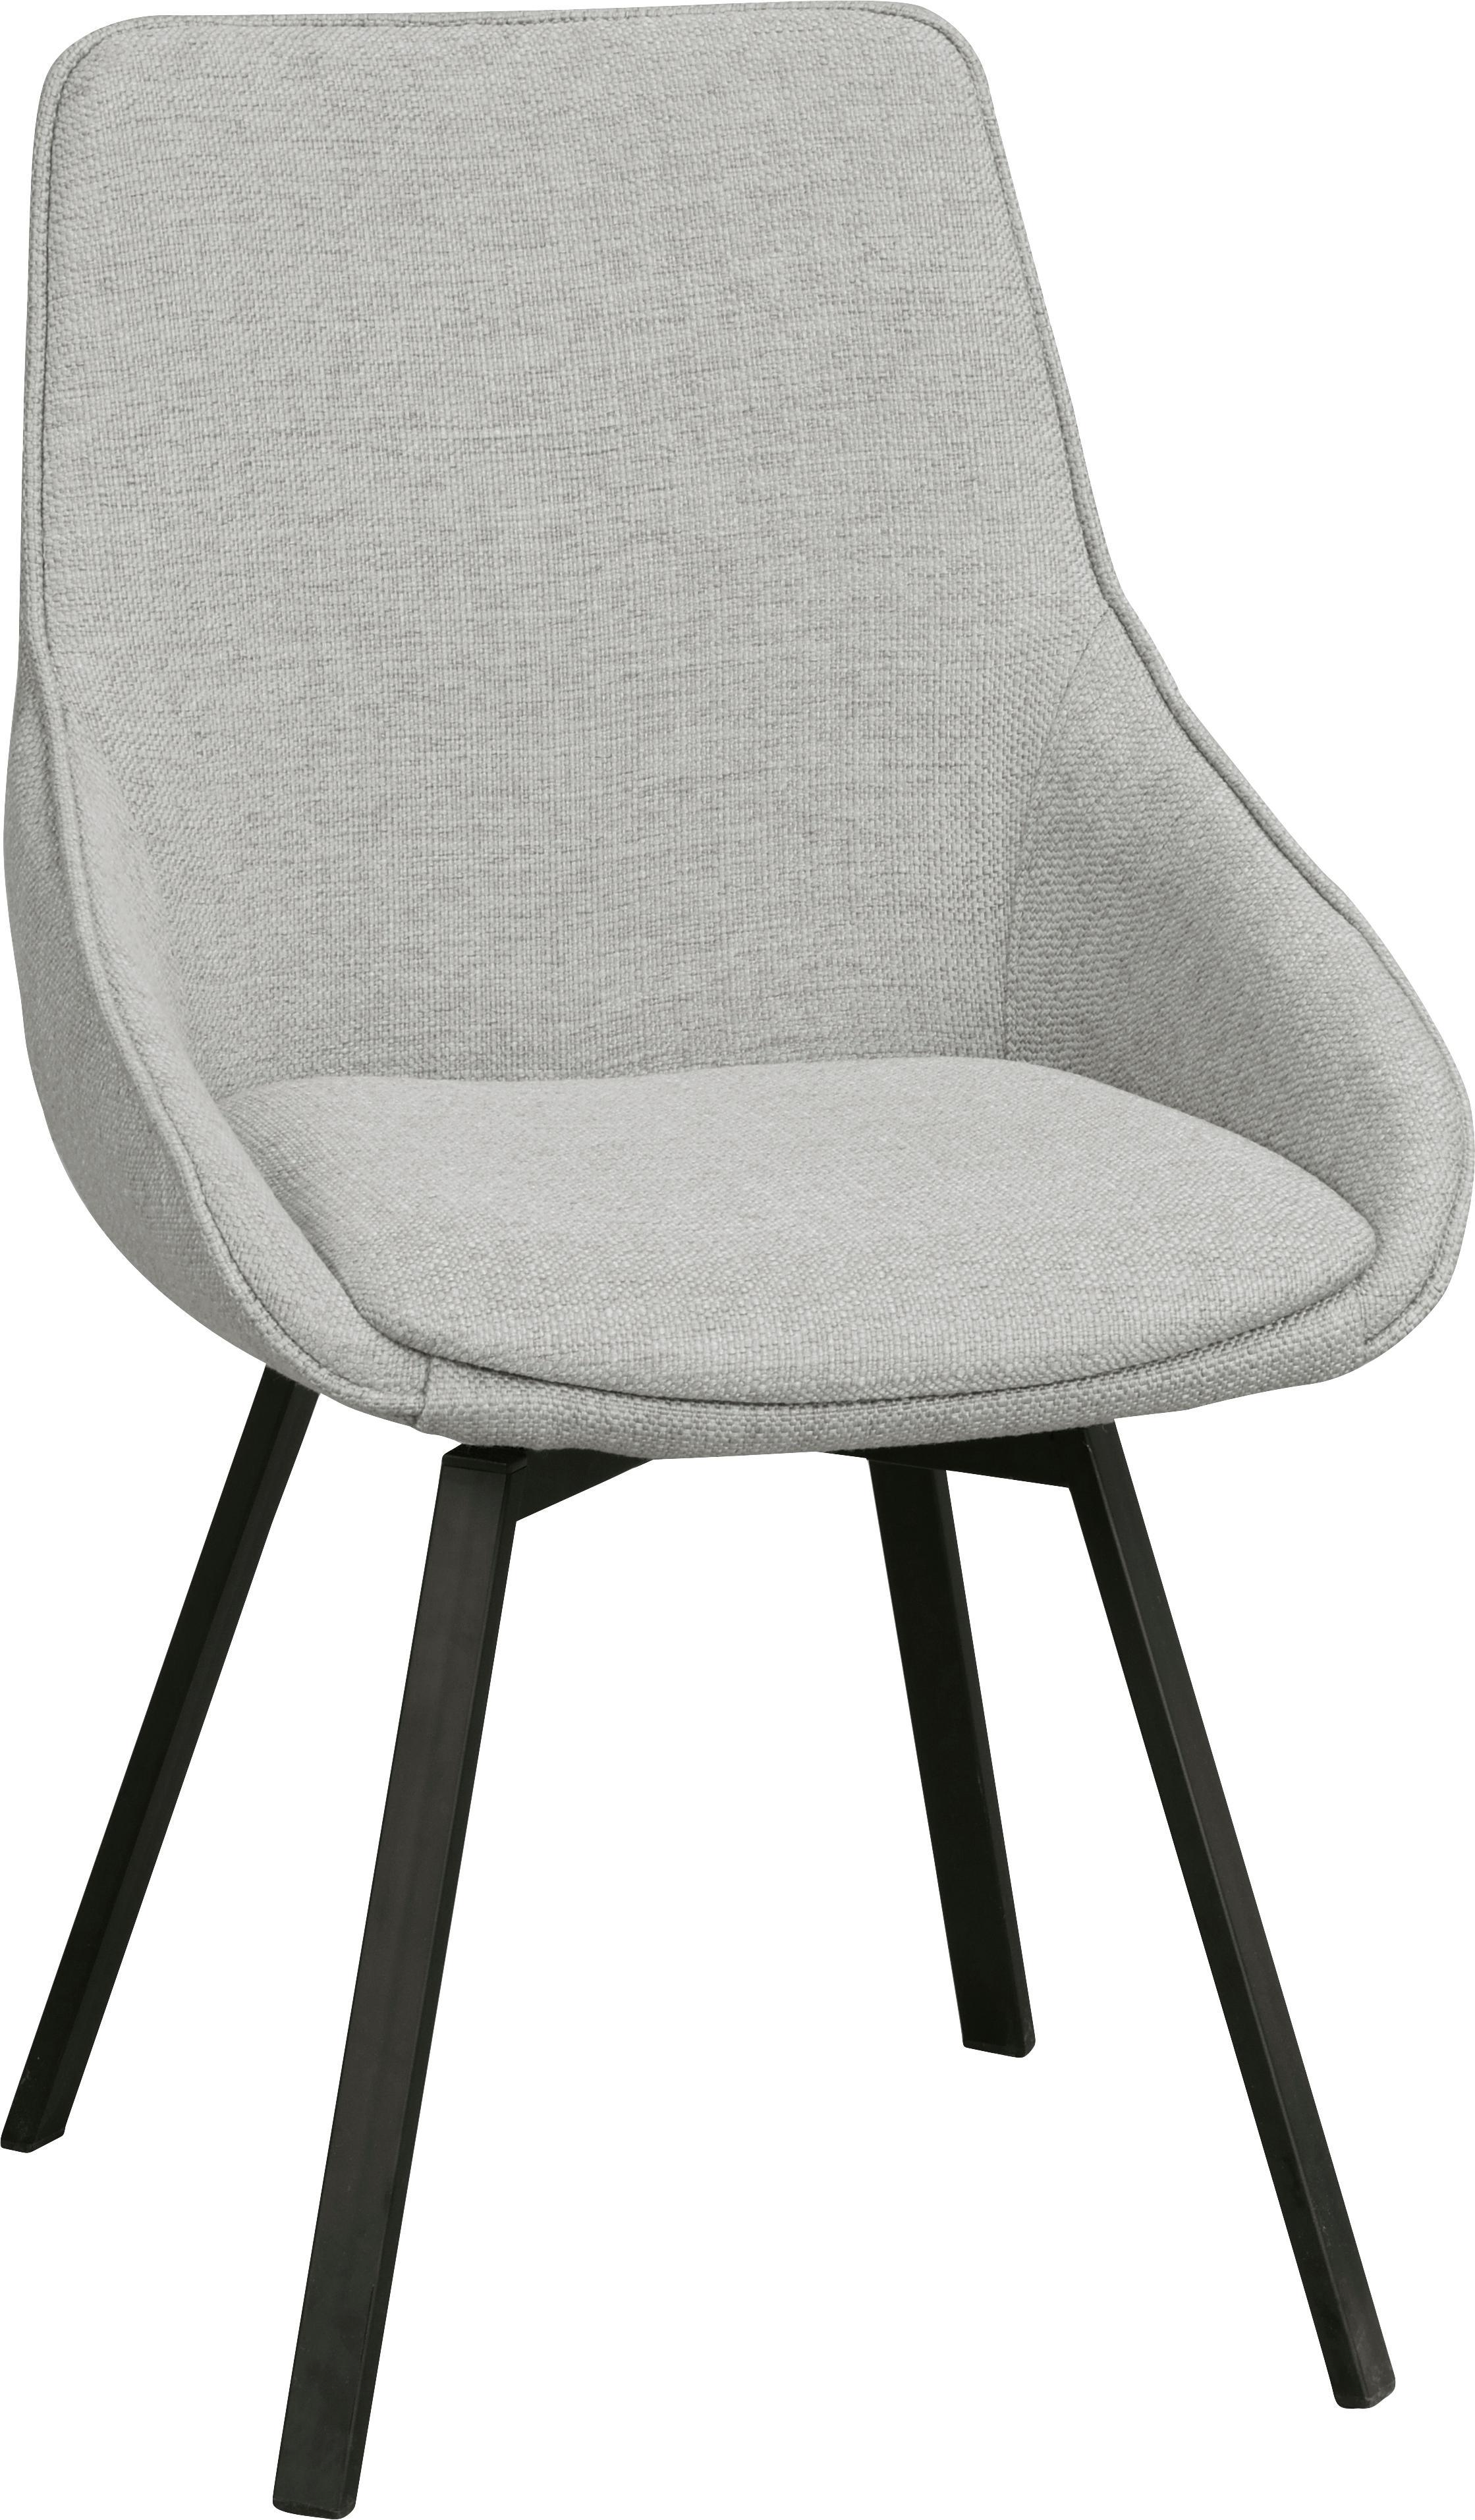 Gestoffeerde bureaustoel Alison, Bekleding: polyester, Poten: gepoedercoat metaal, Lichtgrijs, zwart, B 51 x D 57 cm